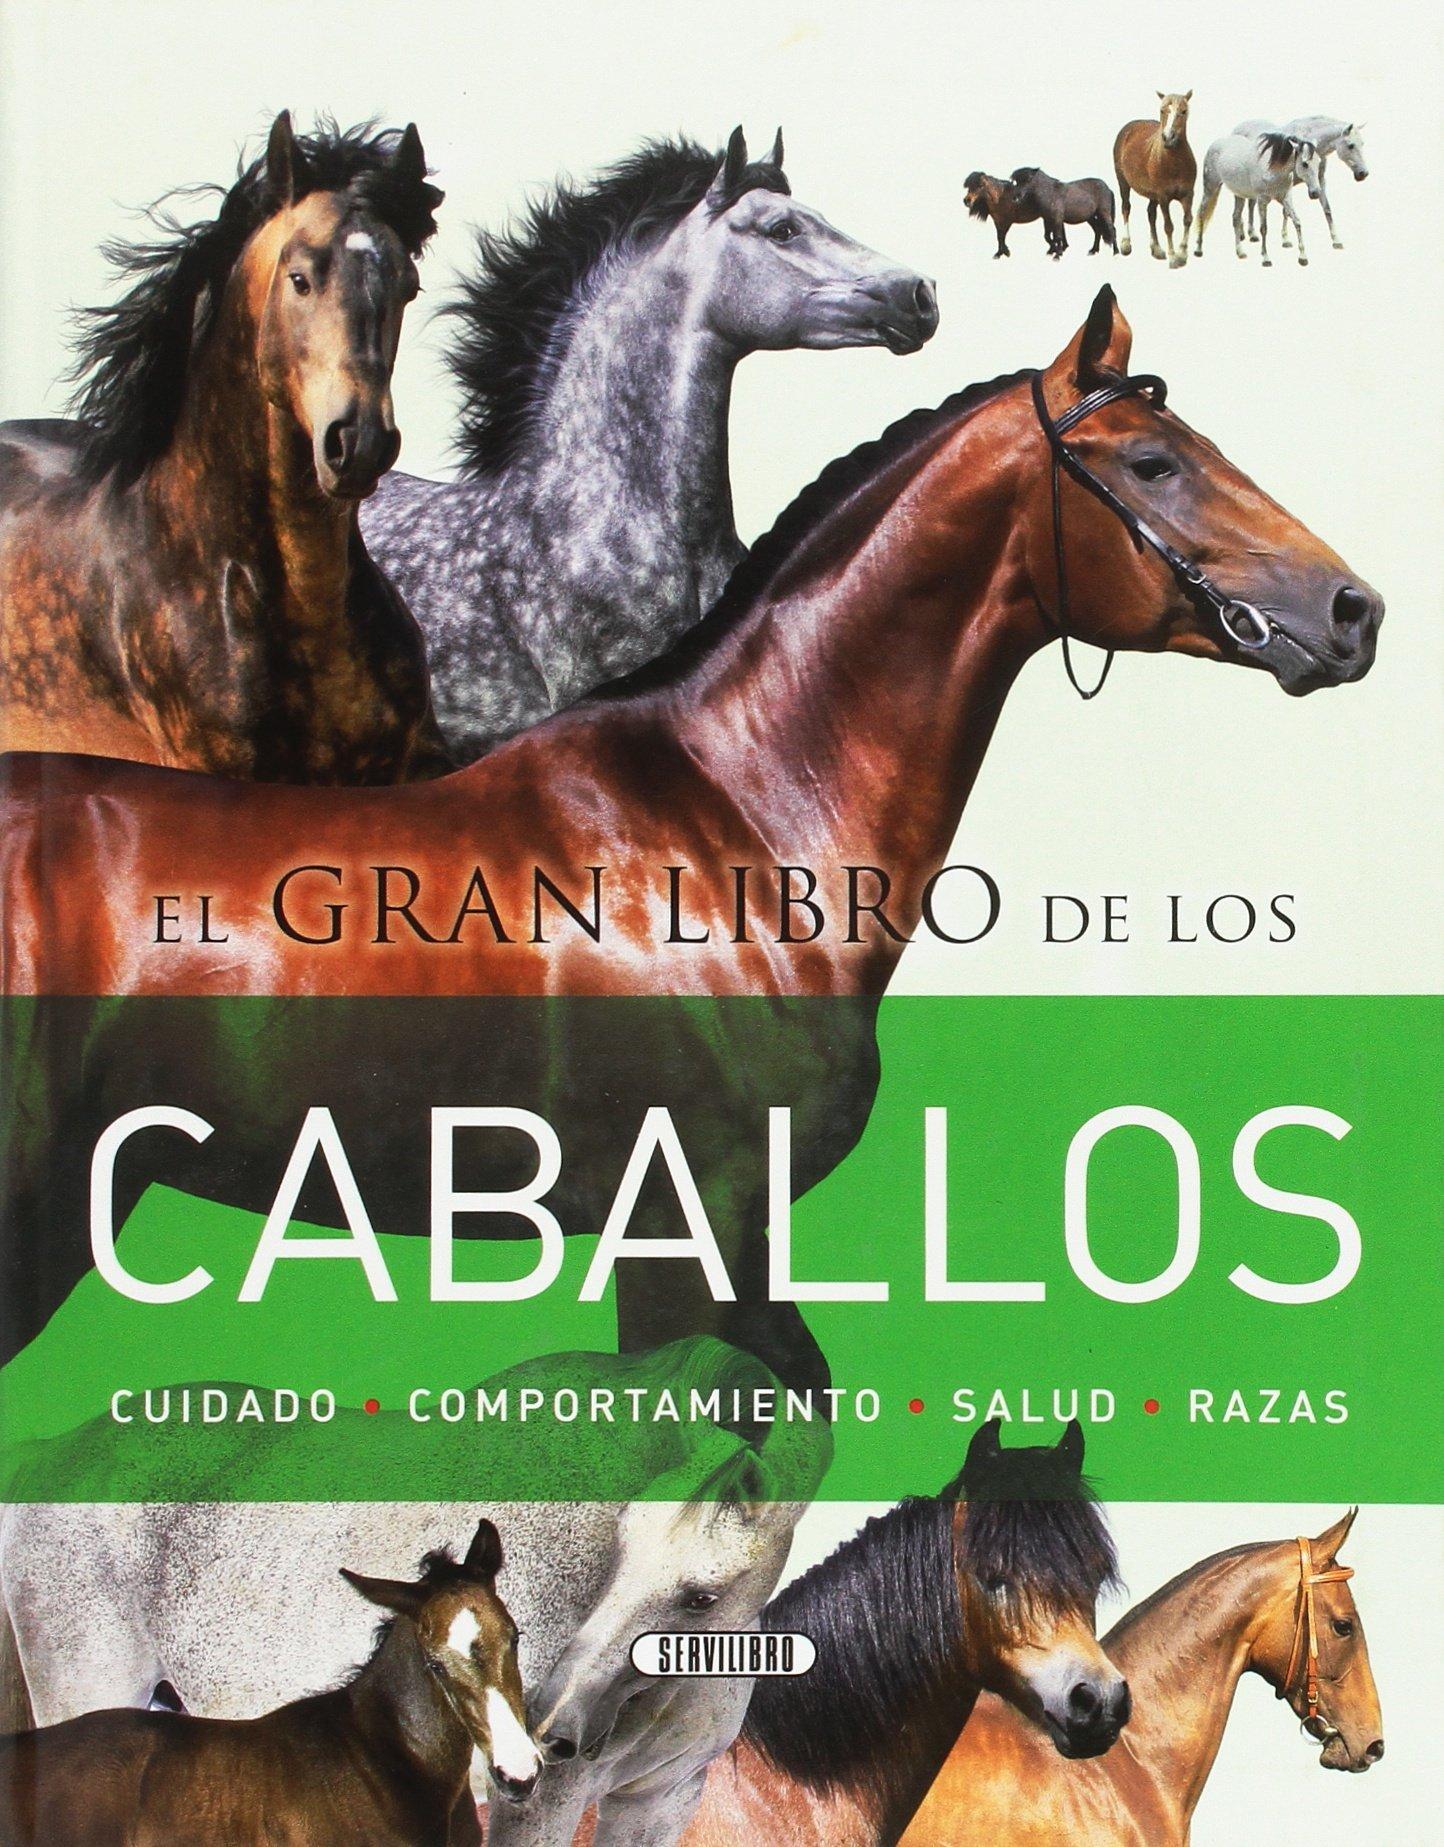 El gran libro de los caballos de Equipo de Servilibro